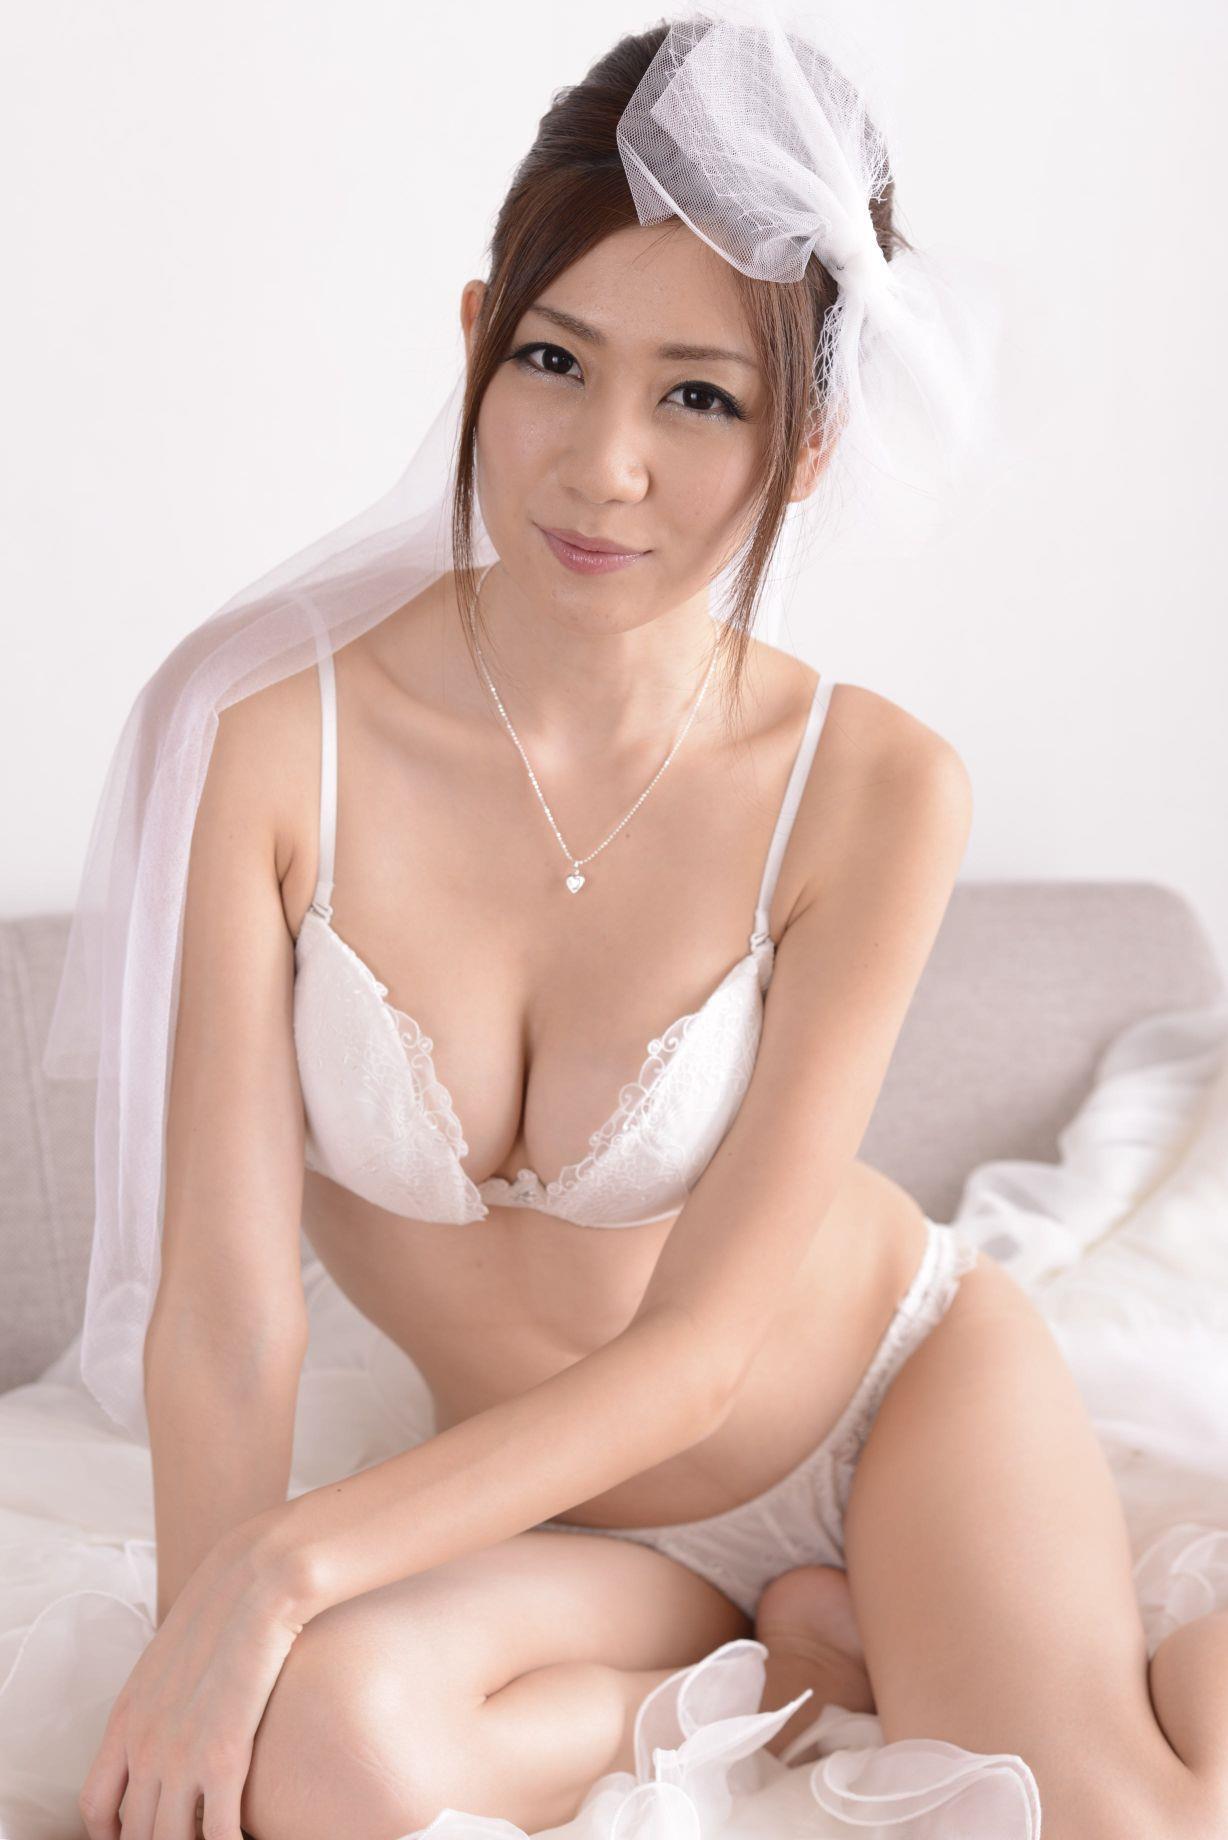 前田かおり ウェディングドレス画像 72